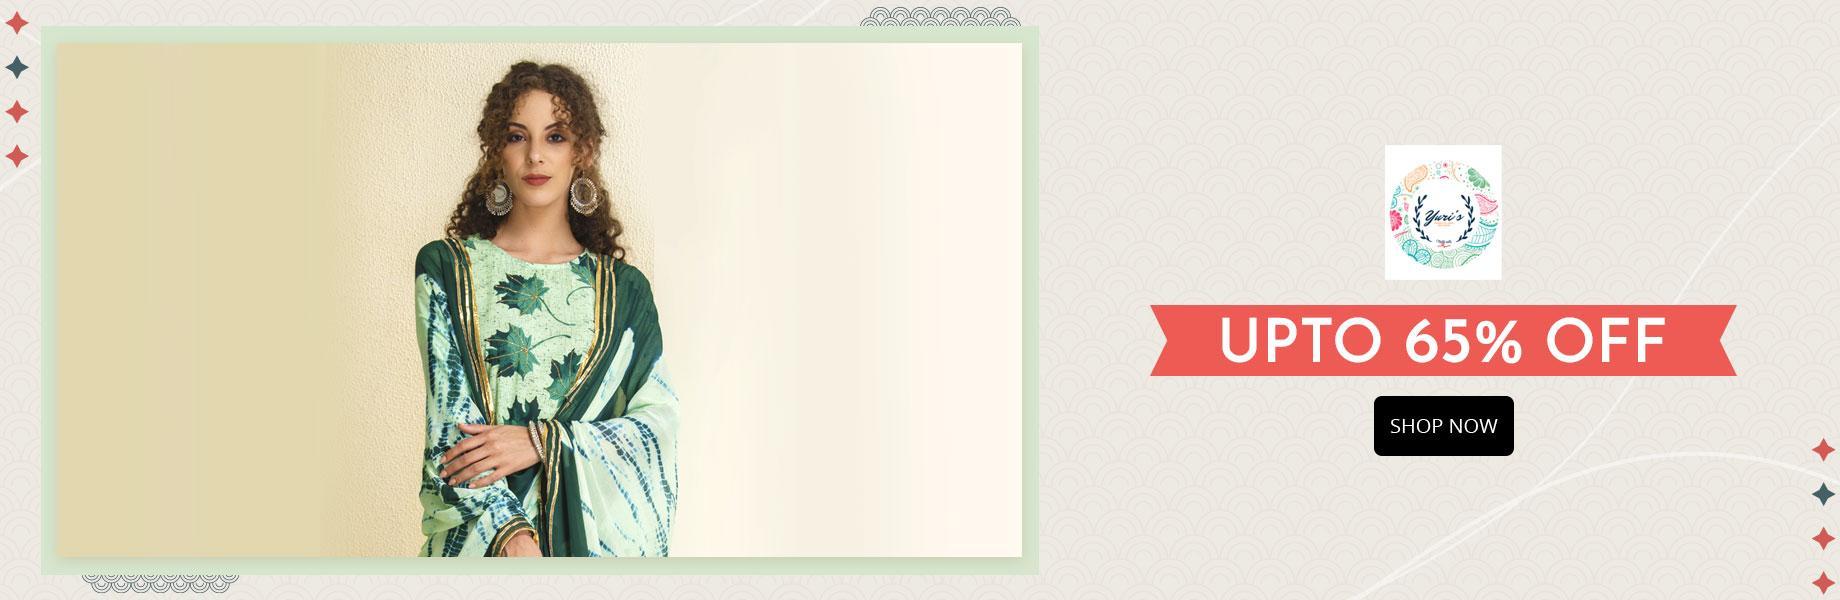 Women-Page-Carousals-Yuris-Web.jpg